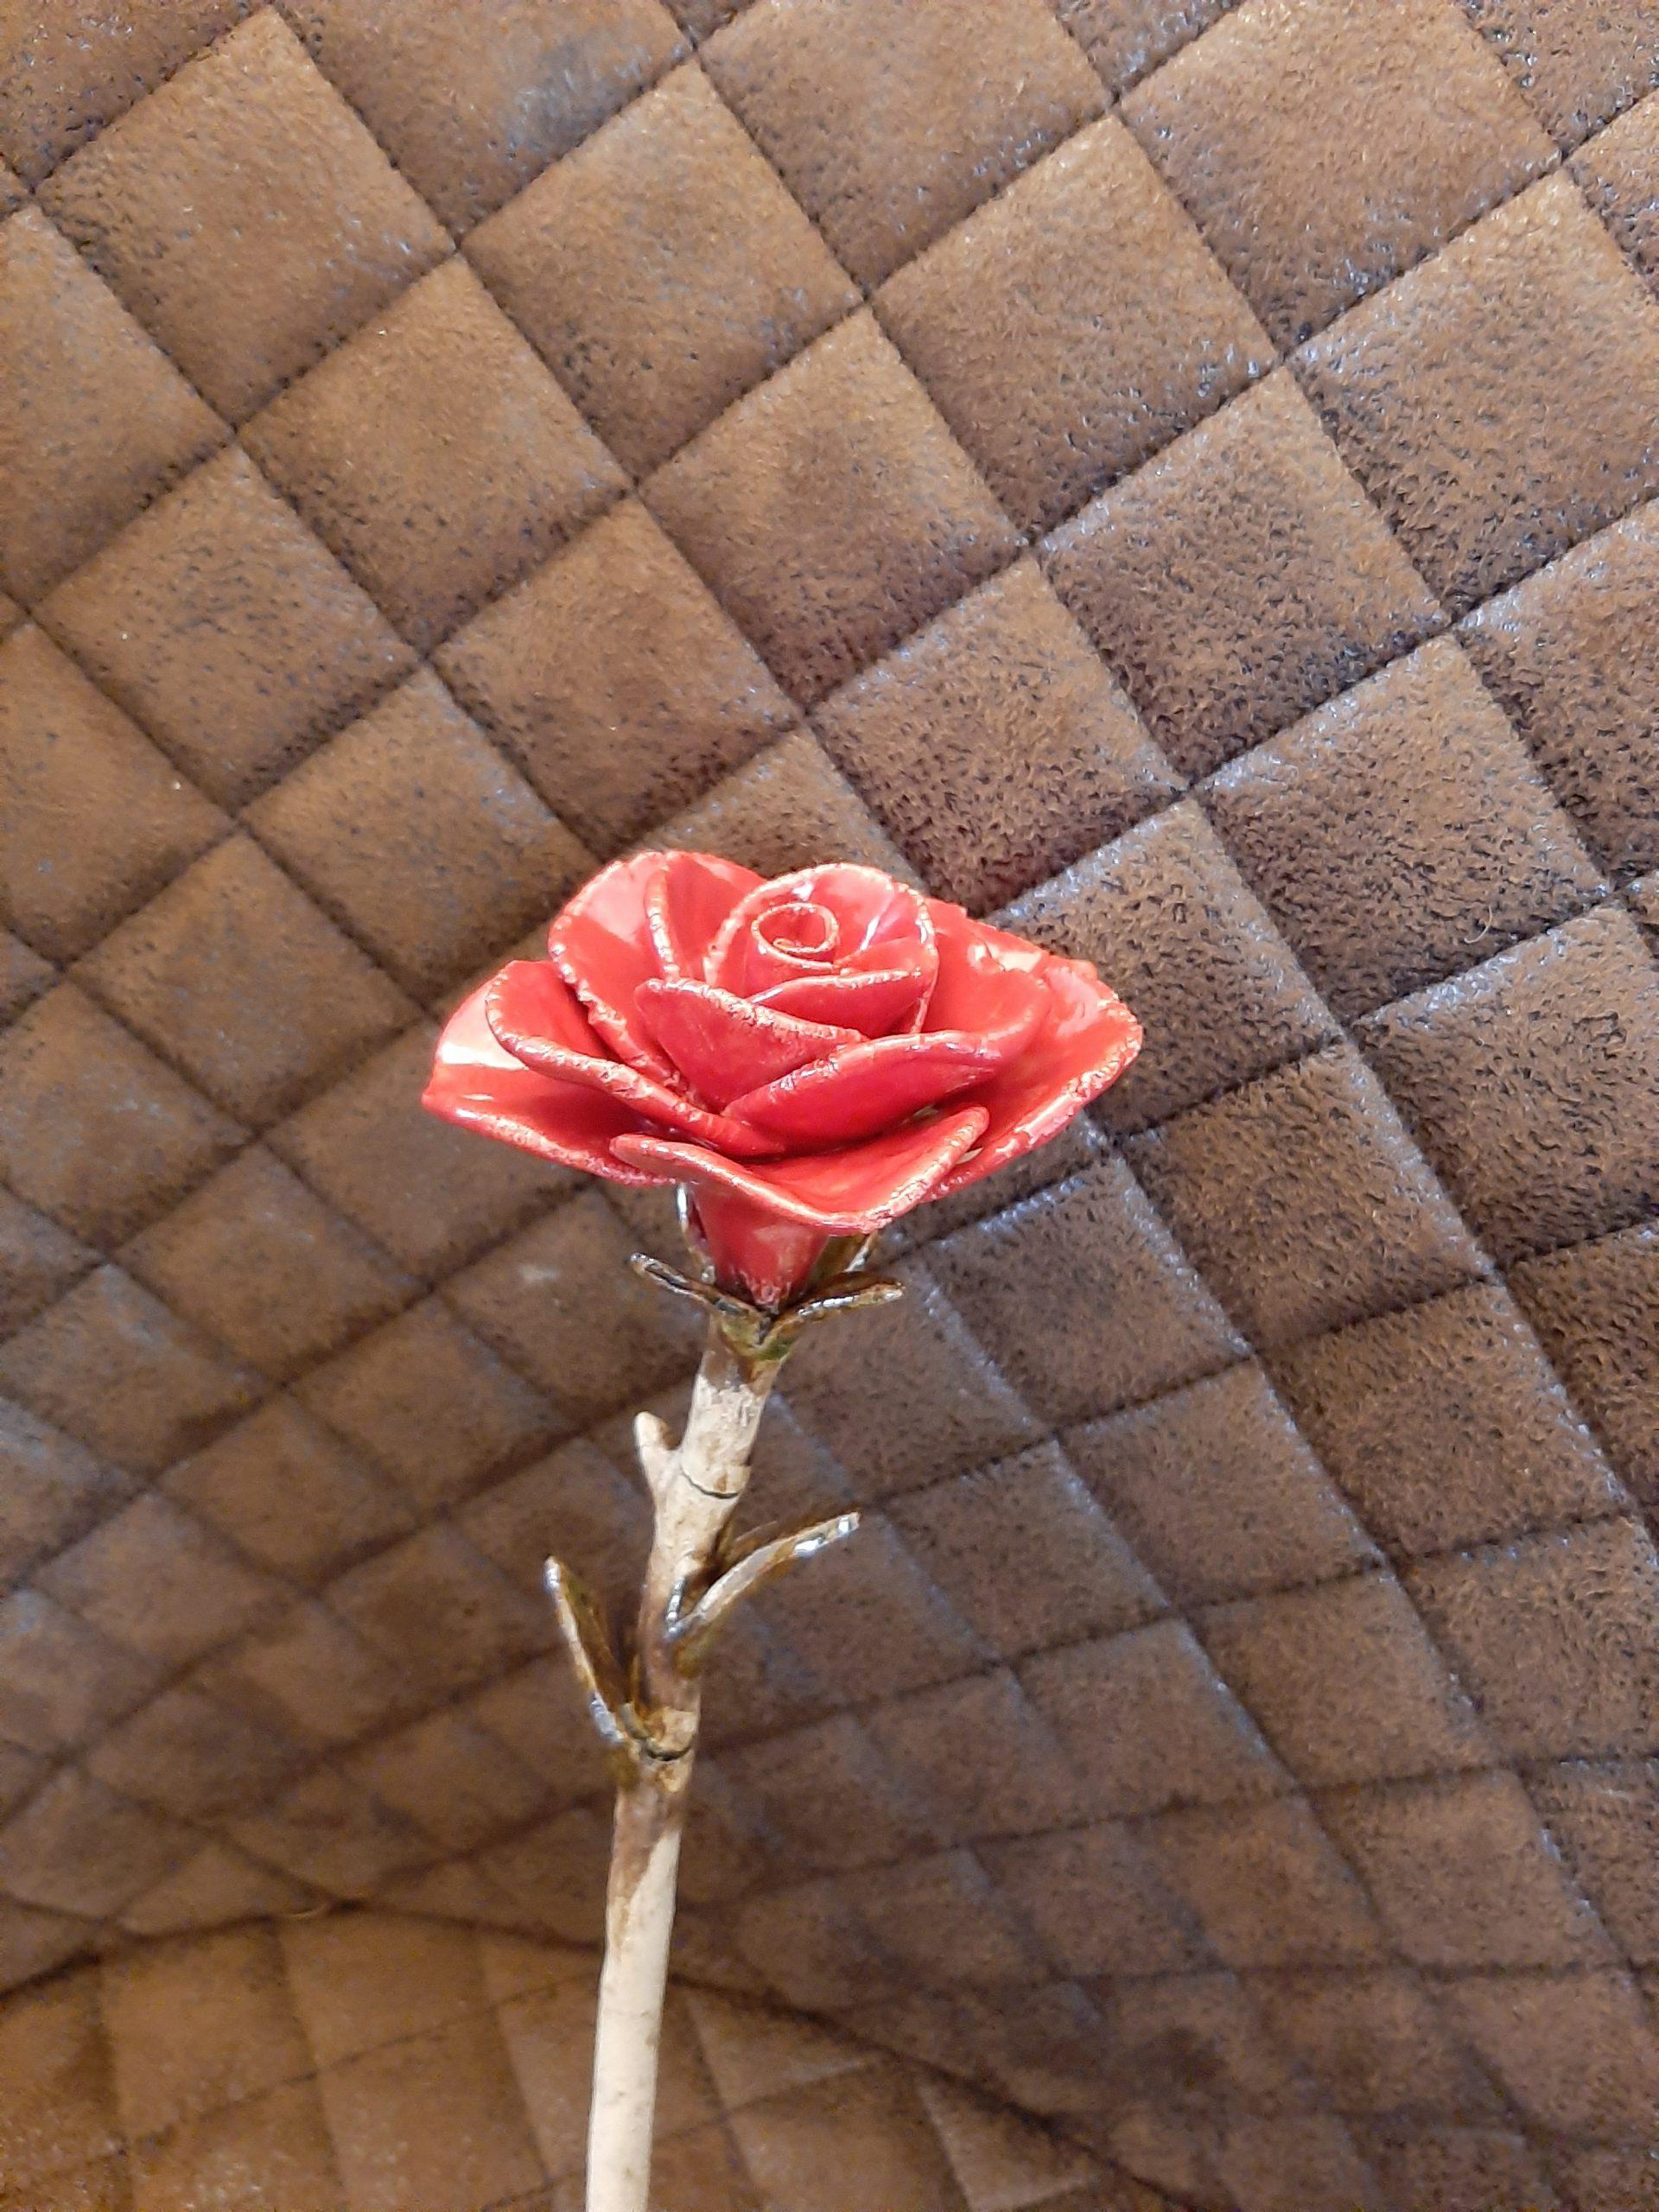 Rose, Kunst aus Ton, Liebe, Pottery Art, Clay with Love, inmitten von Augsburg, Motivation von Herz zu Herz, Kreativität, Geschenke , besondere Handarbeit, Originelles, KeraMik von Herz zu Herz, zusammen sind wir stark, Zuversicht